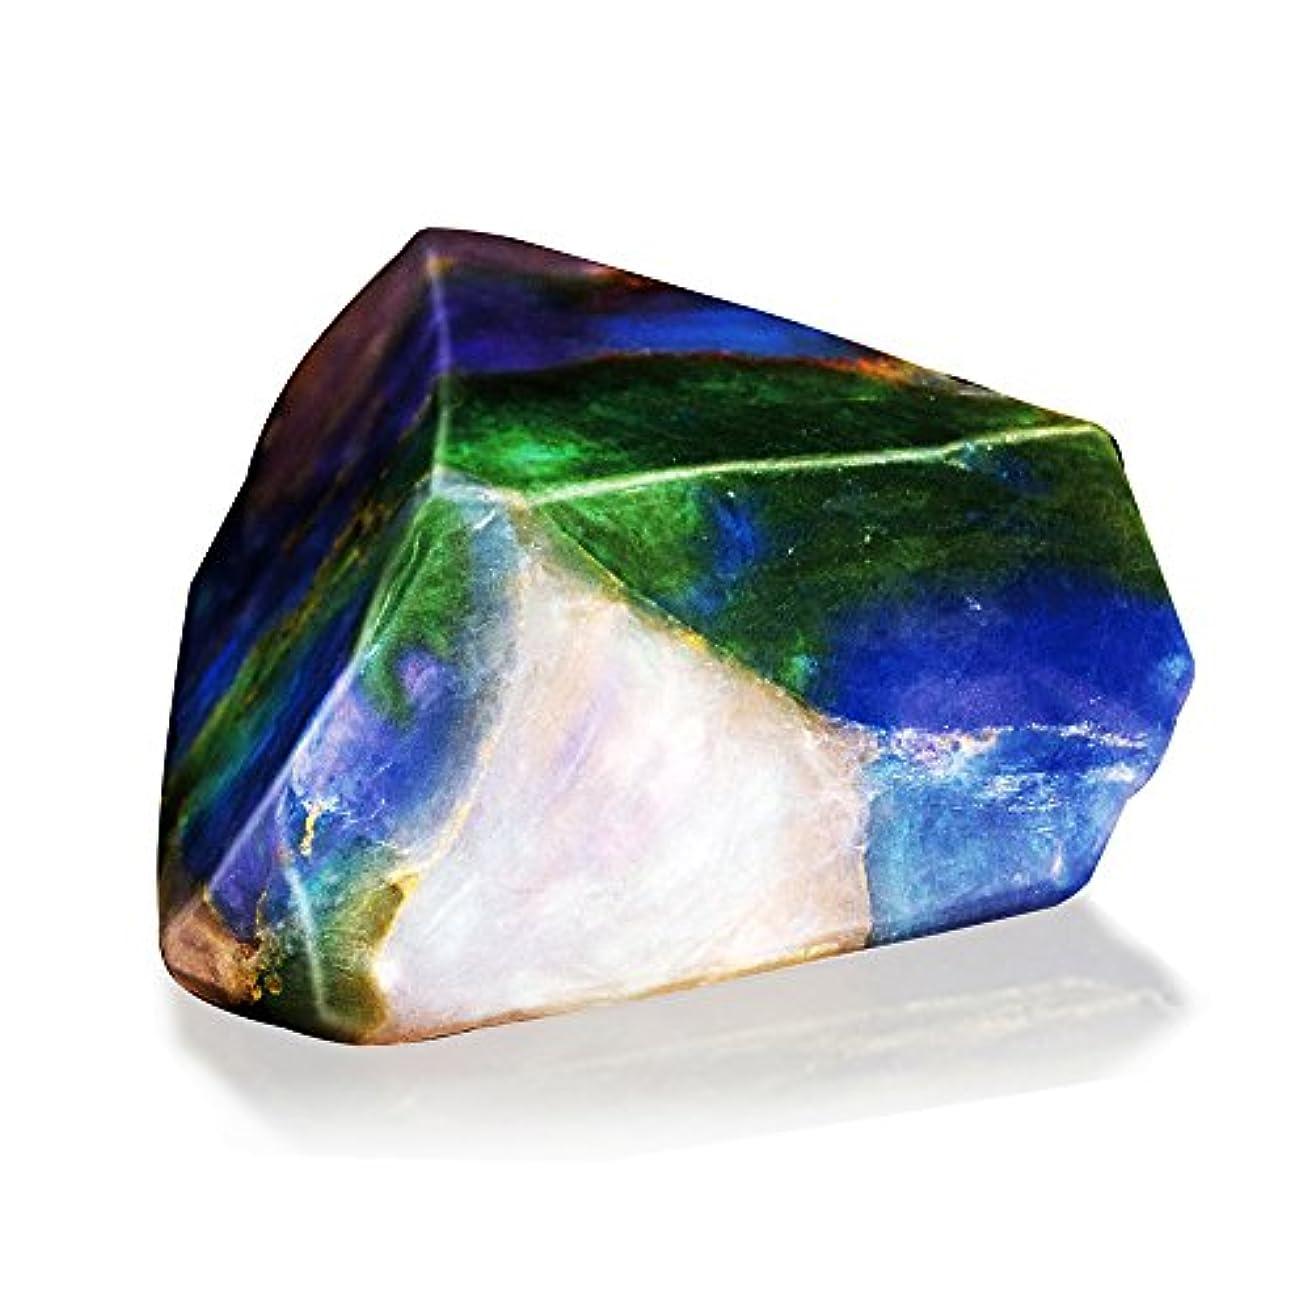 フロービーズ楕円形Savons Gemme サボンジェム 世界で一番美しい宝石石鹸 フレグランス ソープ オパール ミニ 114g